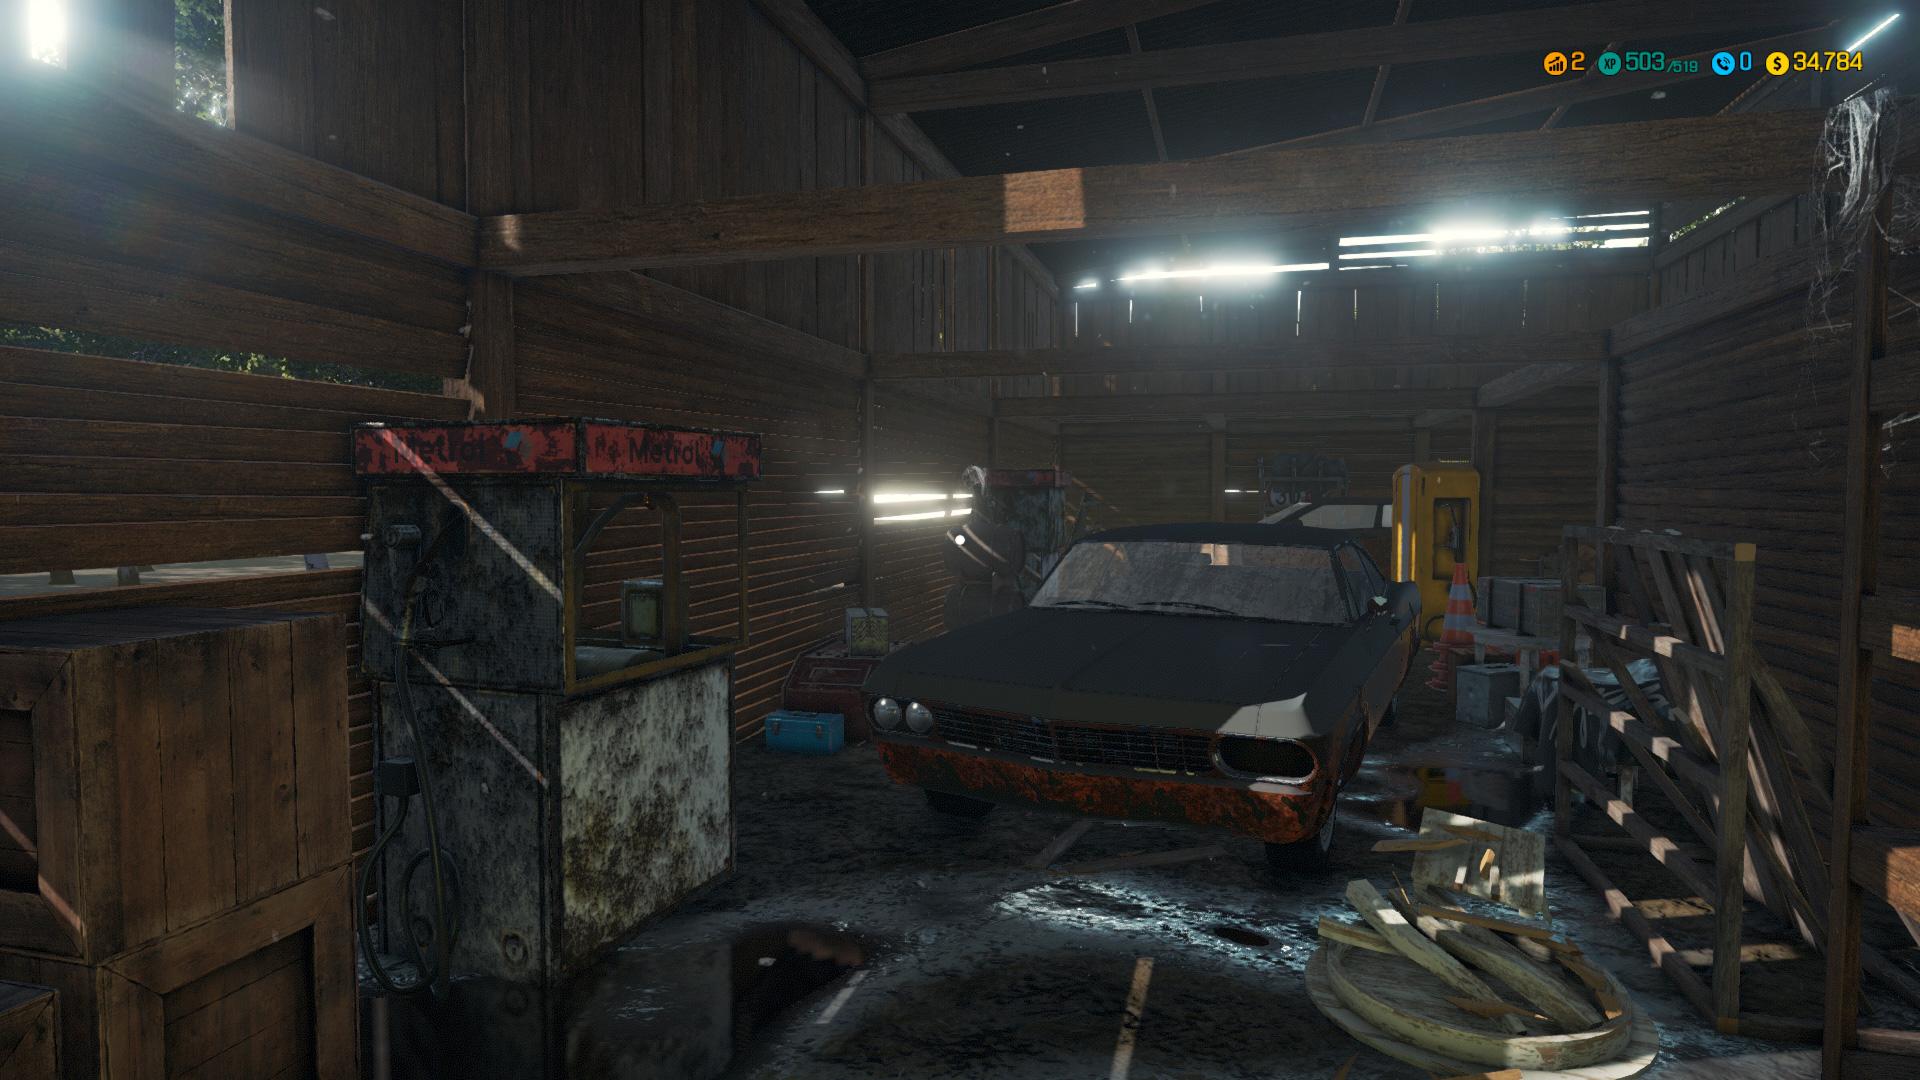 Za měsíc Car Mechanic Simulator 2018 s českými titulky 146541